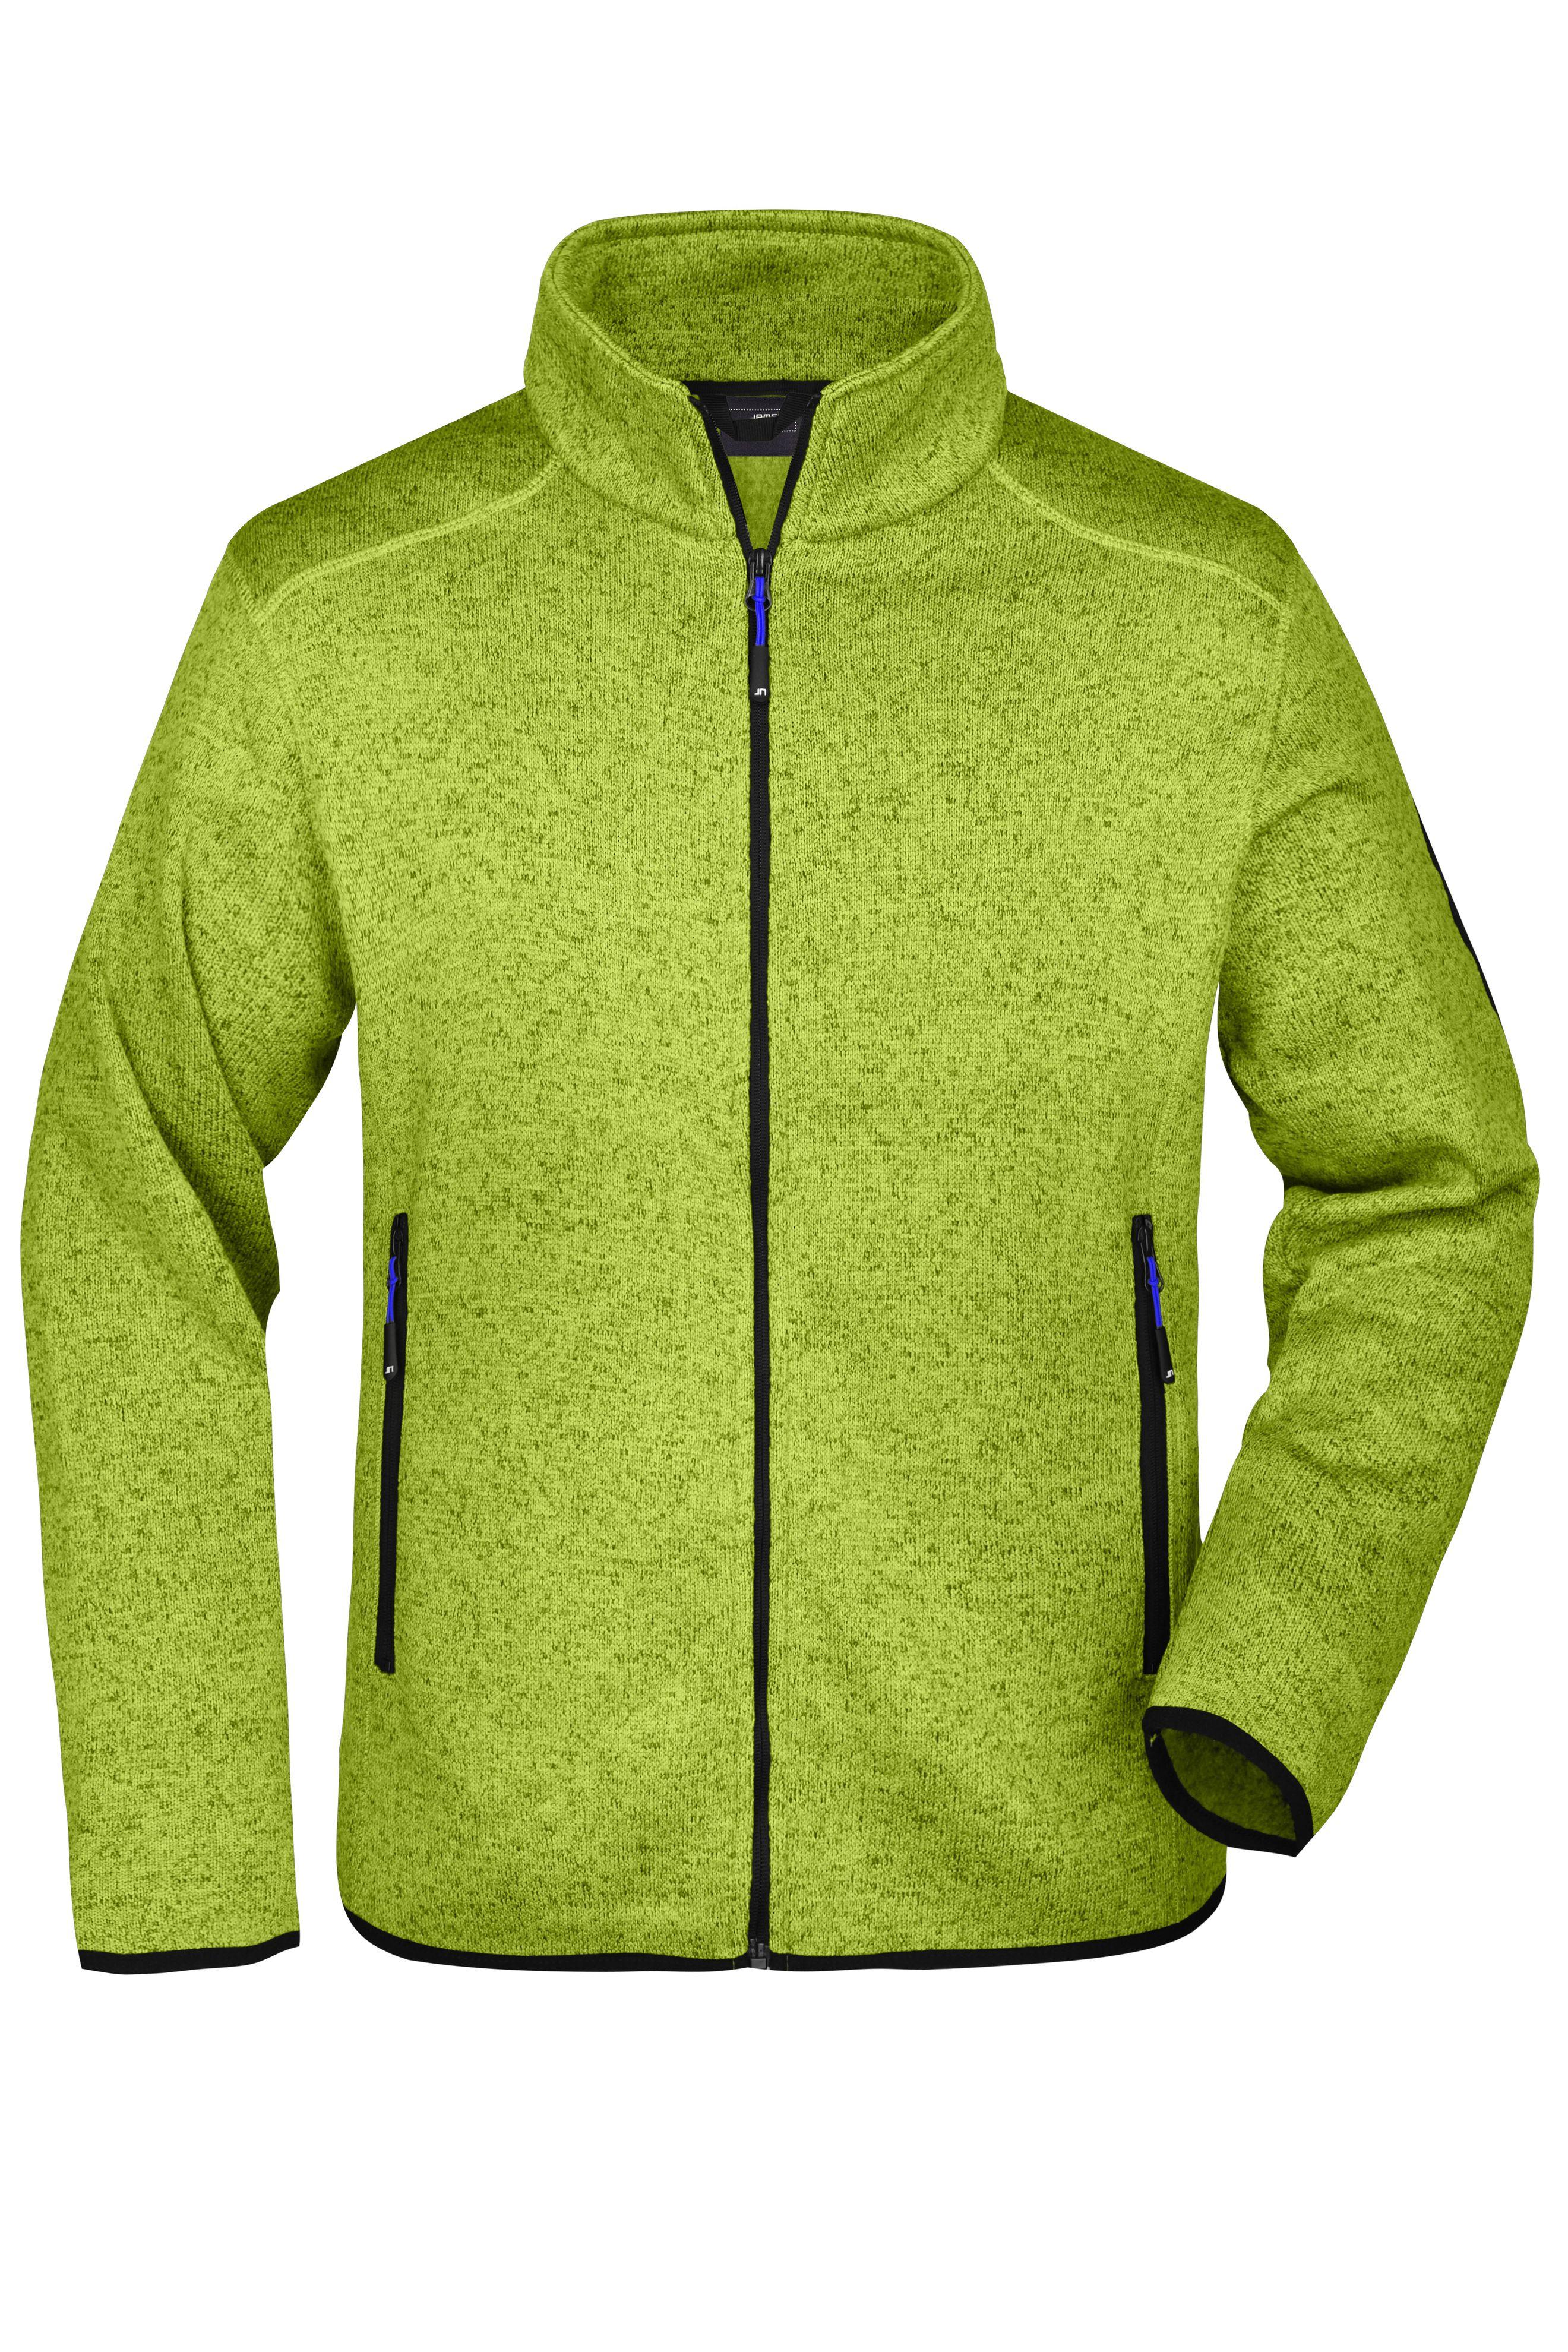 Modische Strickfleece Jacke mit Stehkragen